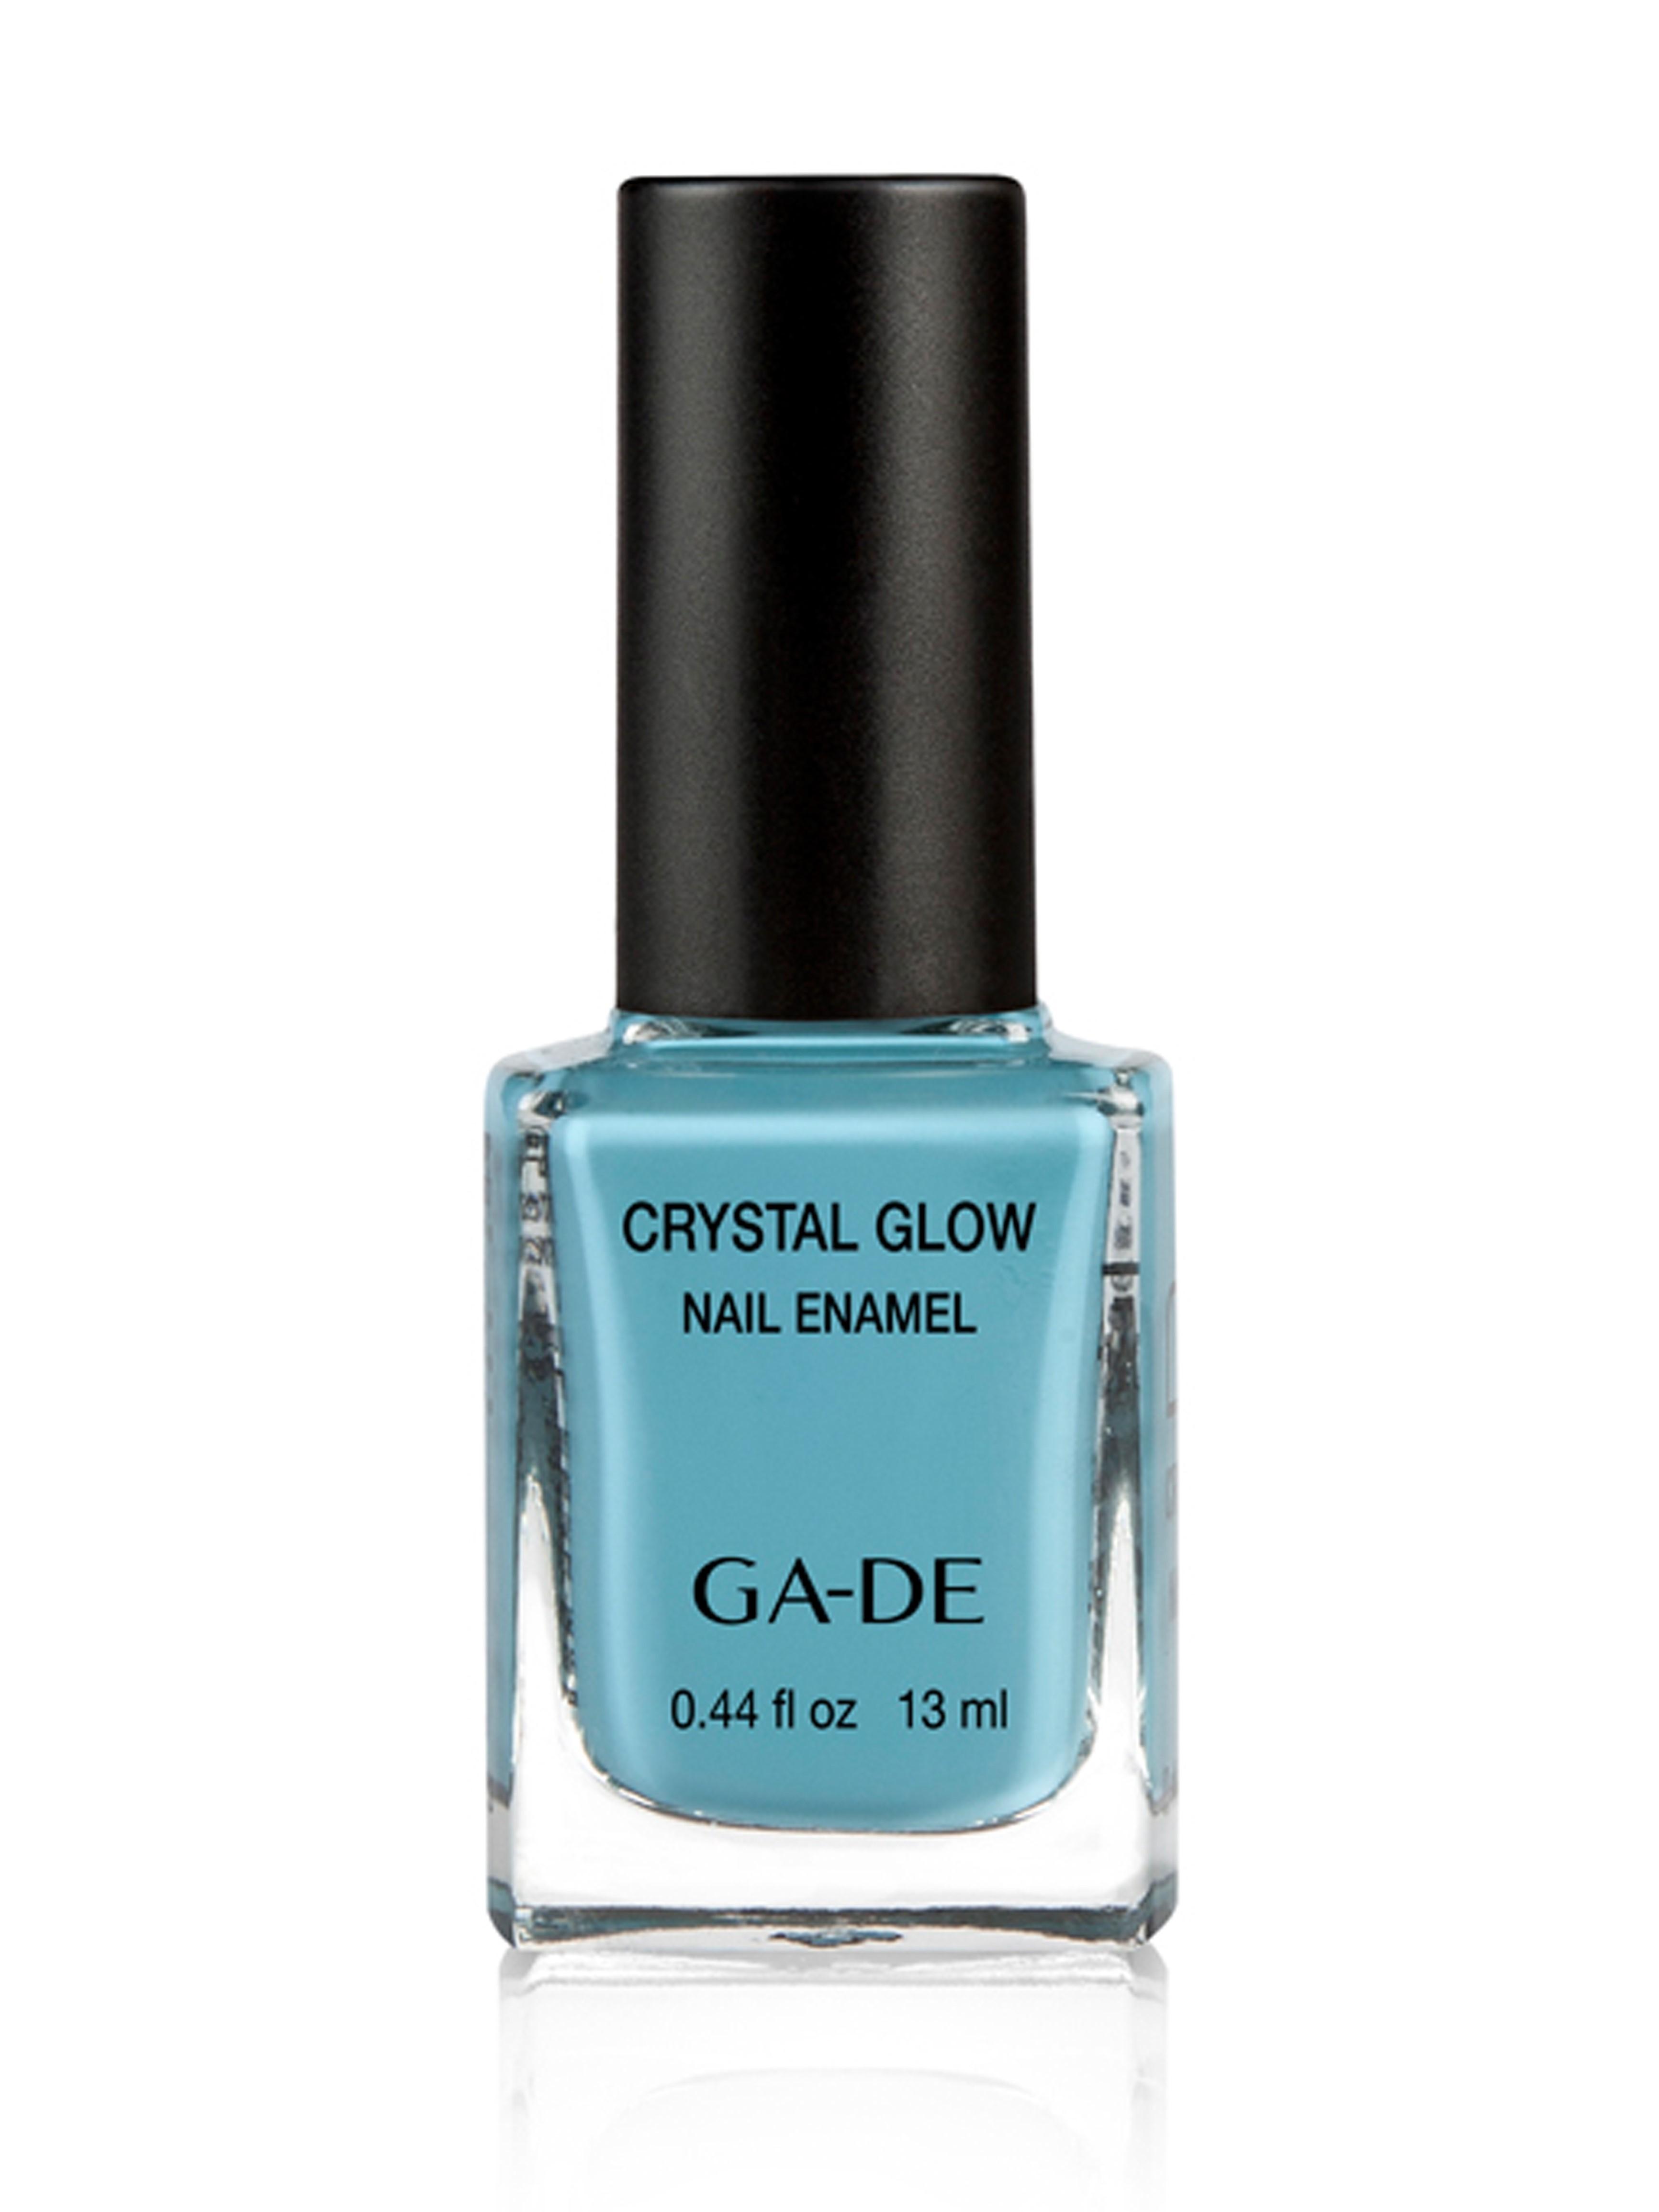 GA-DE Лак для ногтей № 504 / CRYSTAL GLOW 13 мл